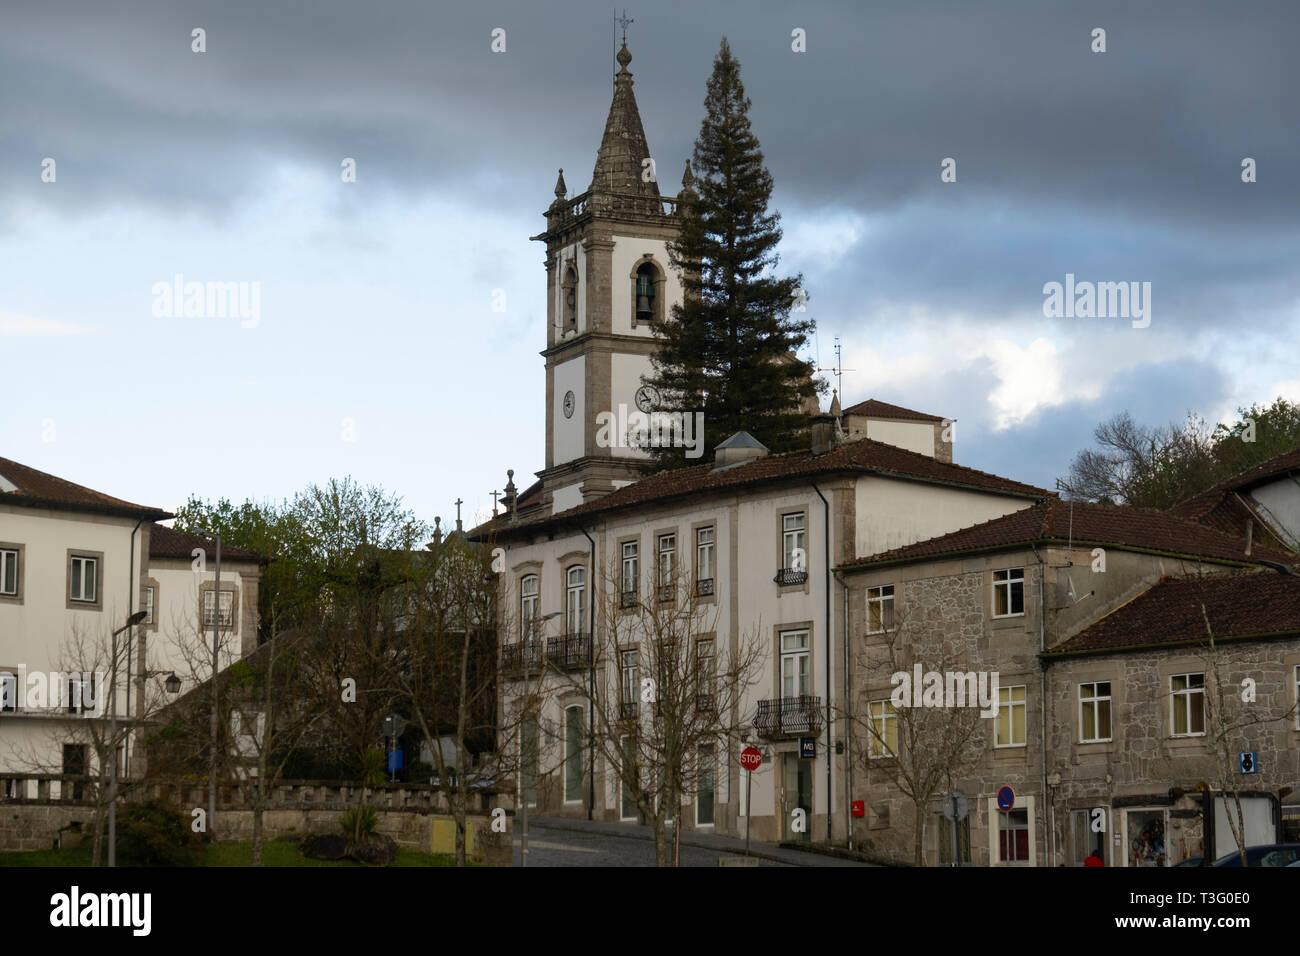 São João Baptista church in Ponte da Barca, Minho, Portugal, Europe - Stock Image